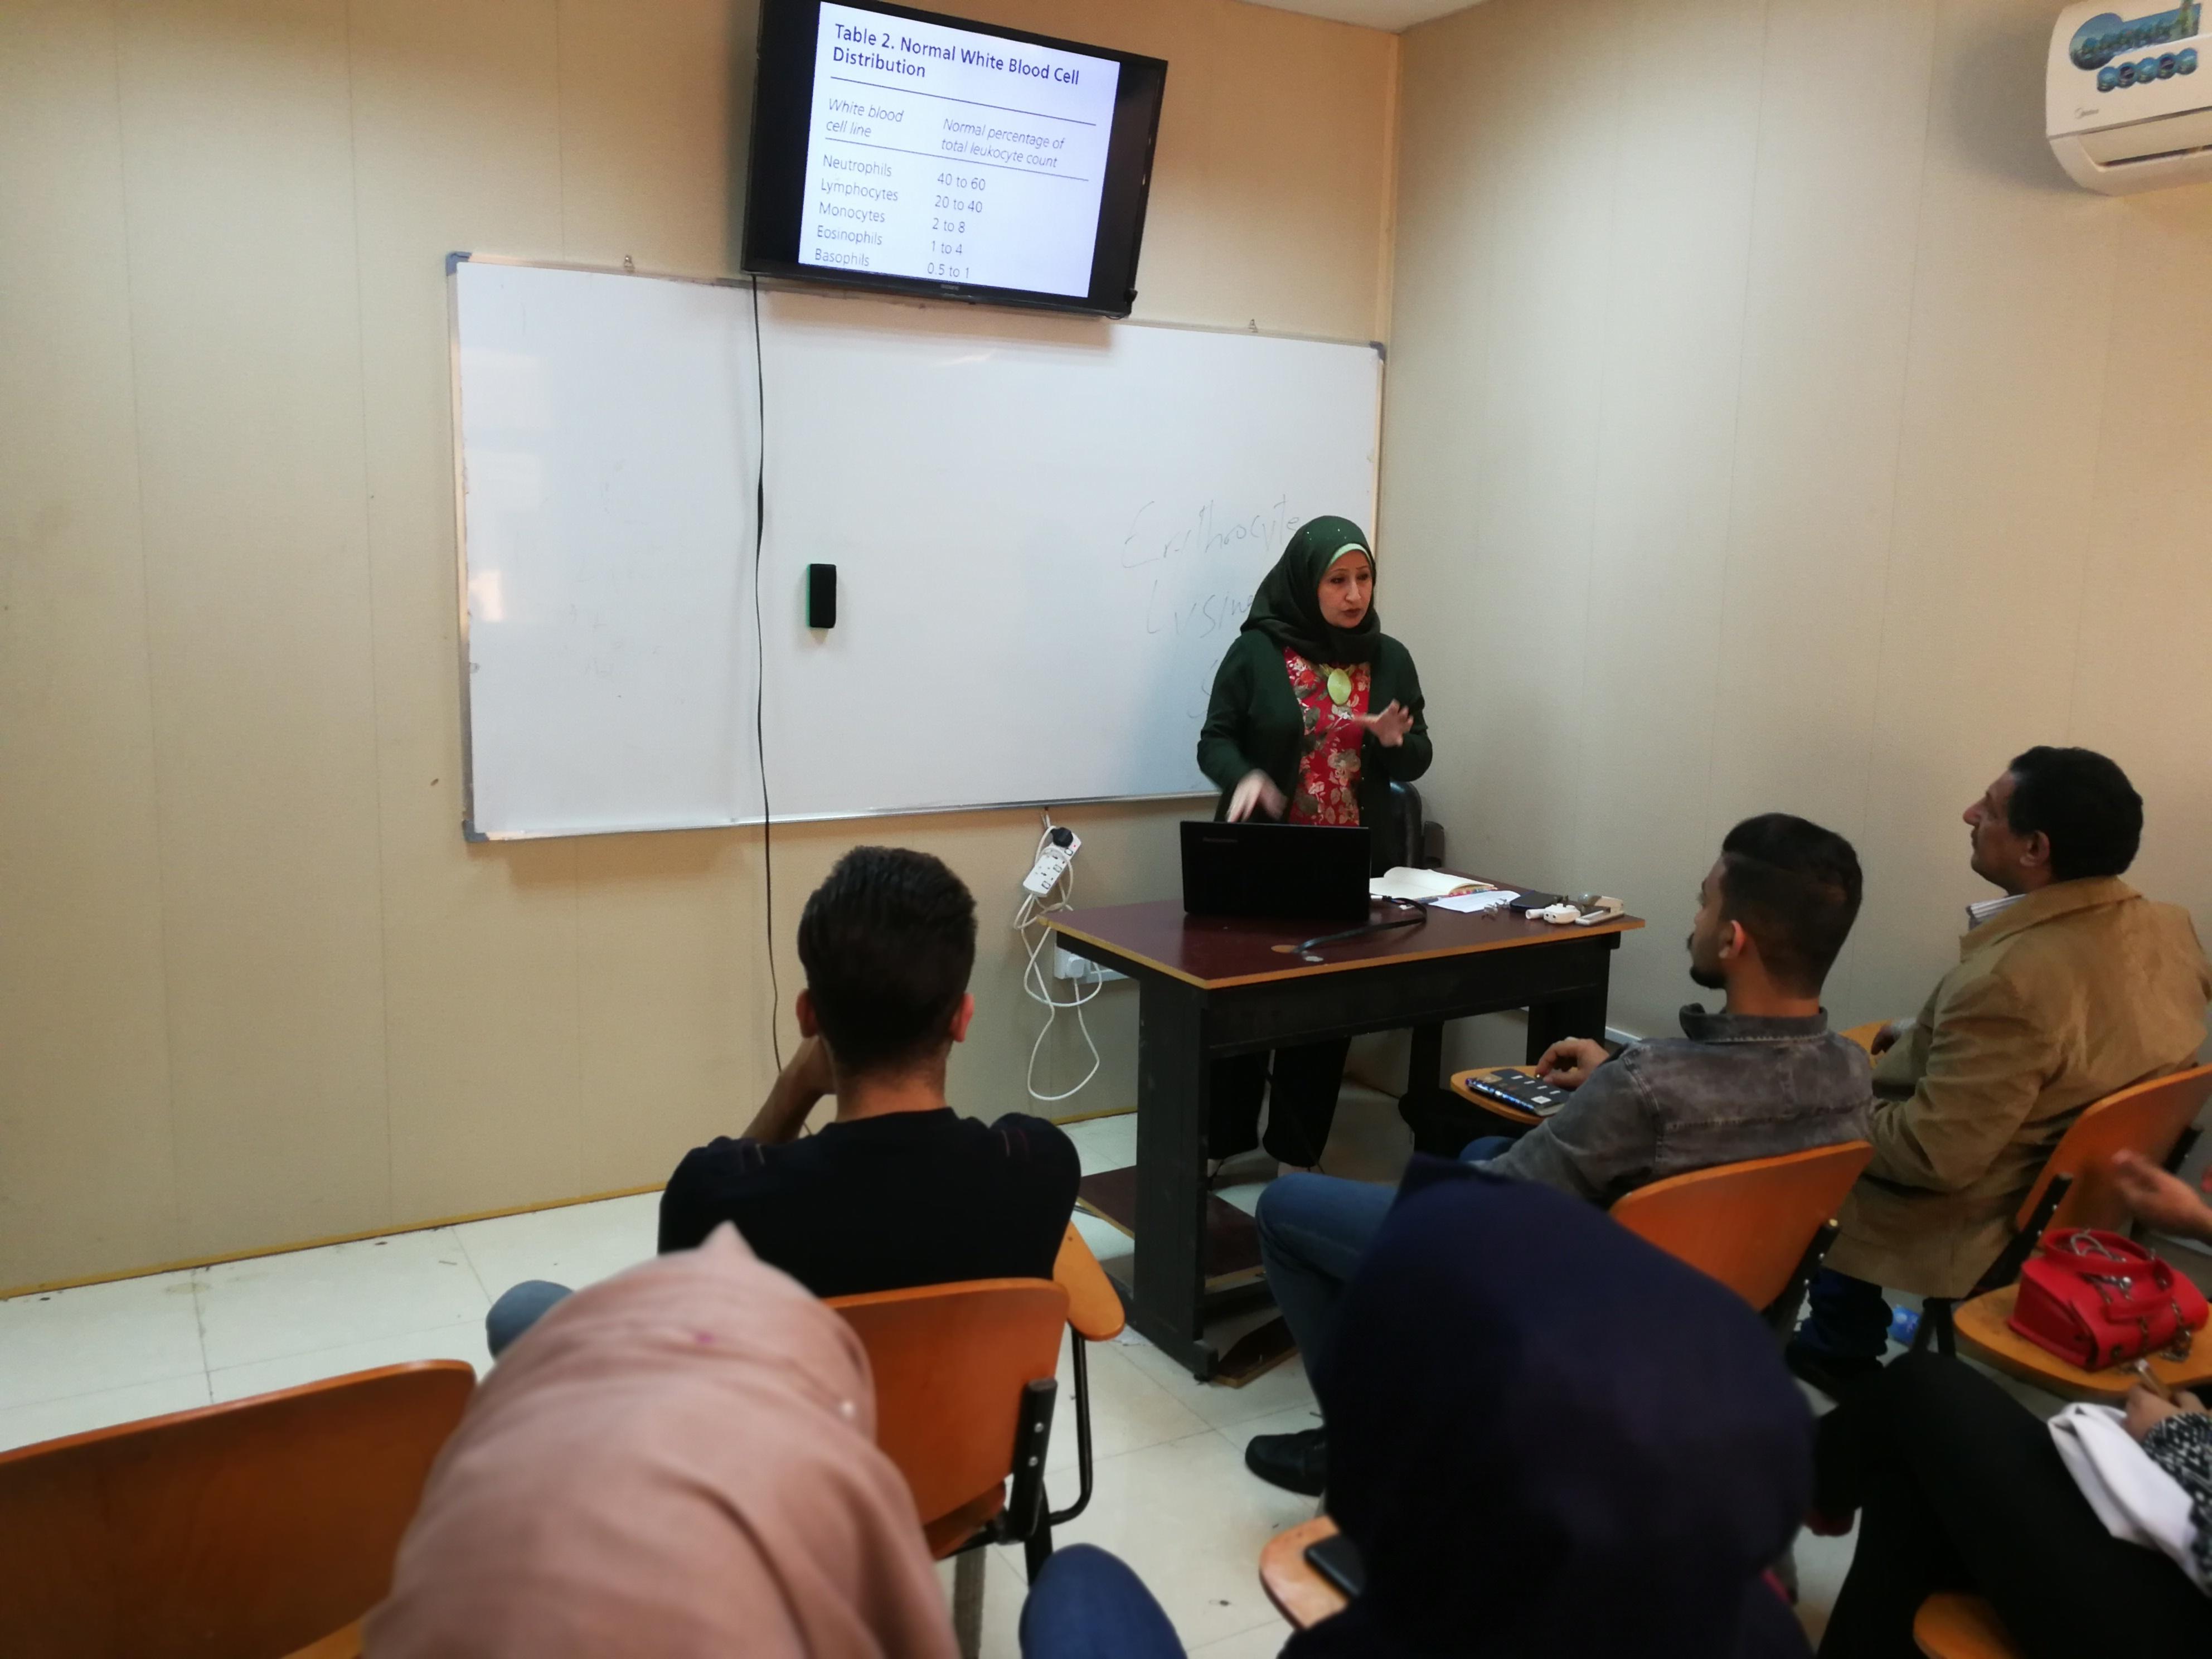 كلية التقنيات الاحيائية تنظم دورة تدريبية في علم امراض الدم